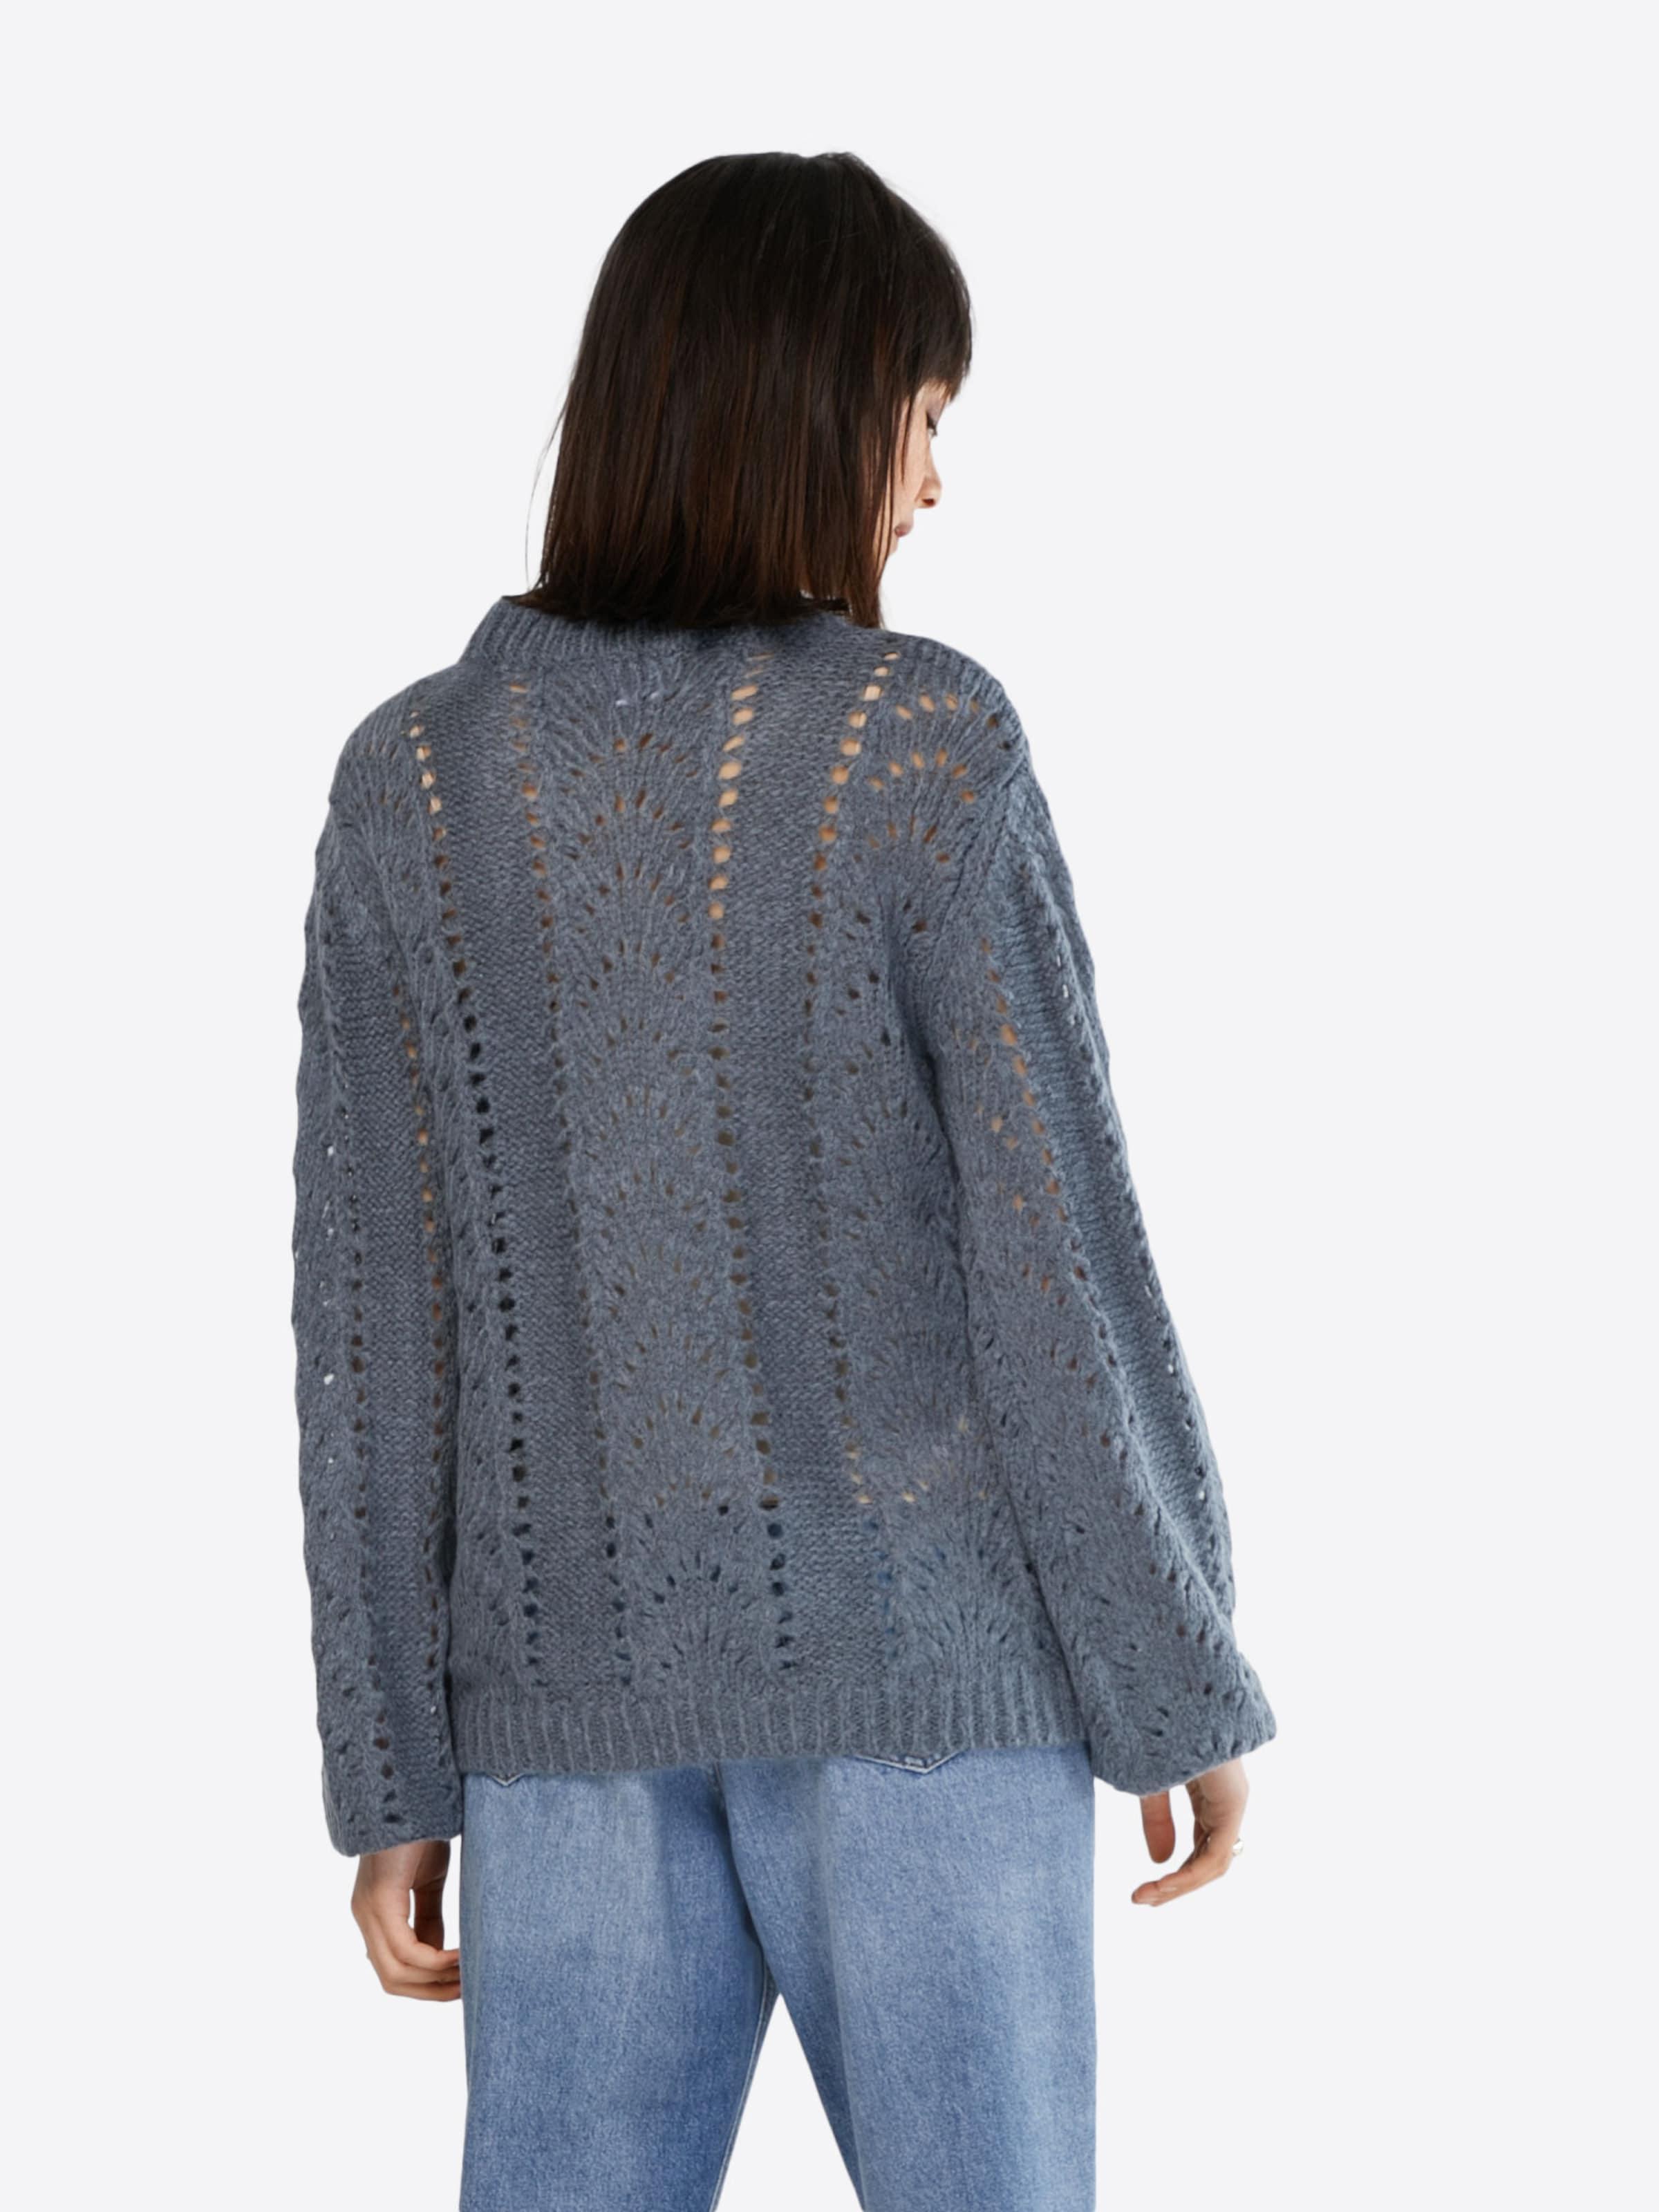 In Pullover Rauchblau Desires In Rauchblau Desires Desires In Pullover Pullover Y6yv7bfIg